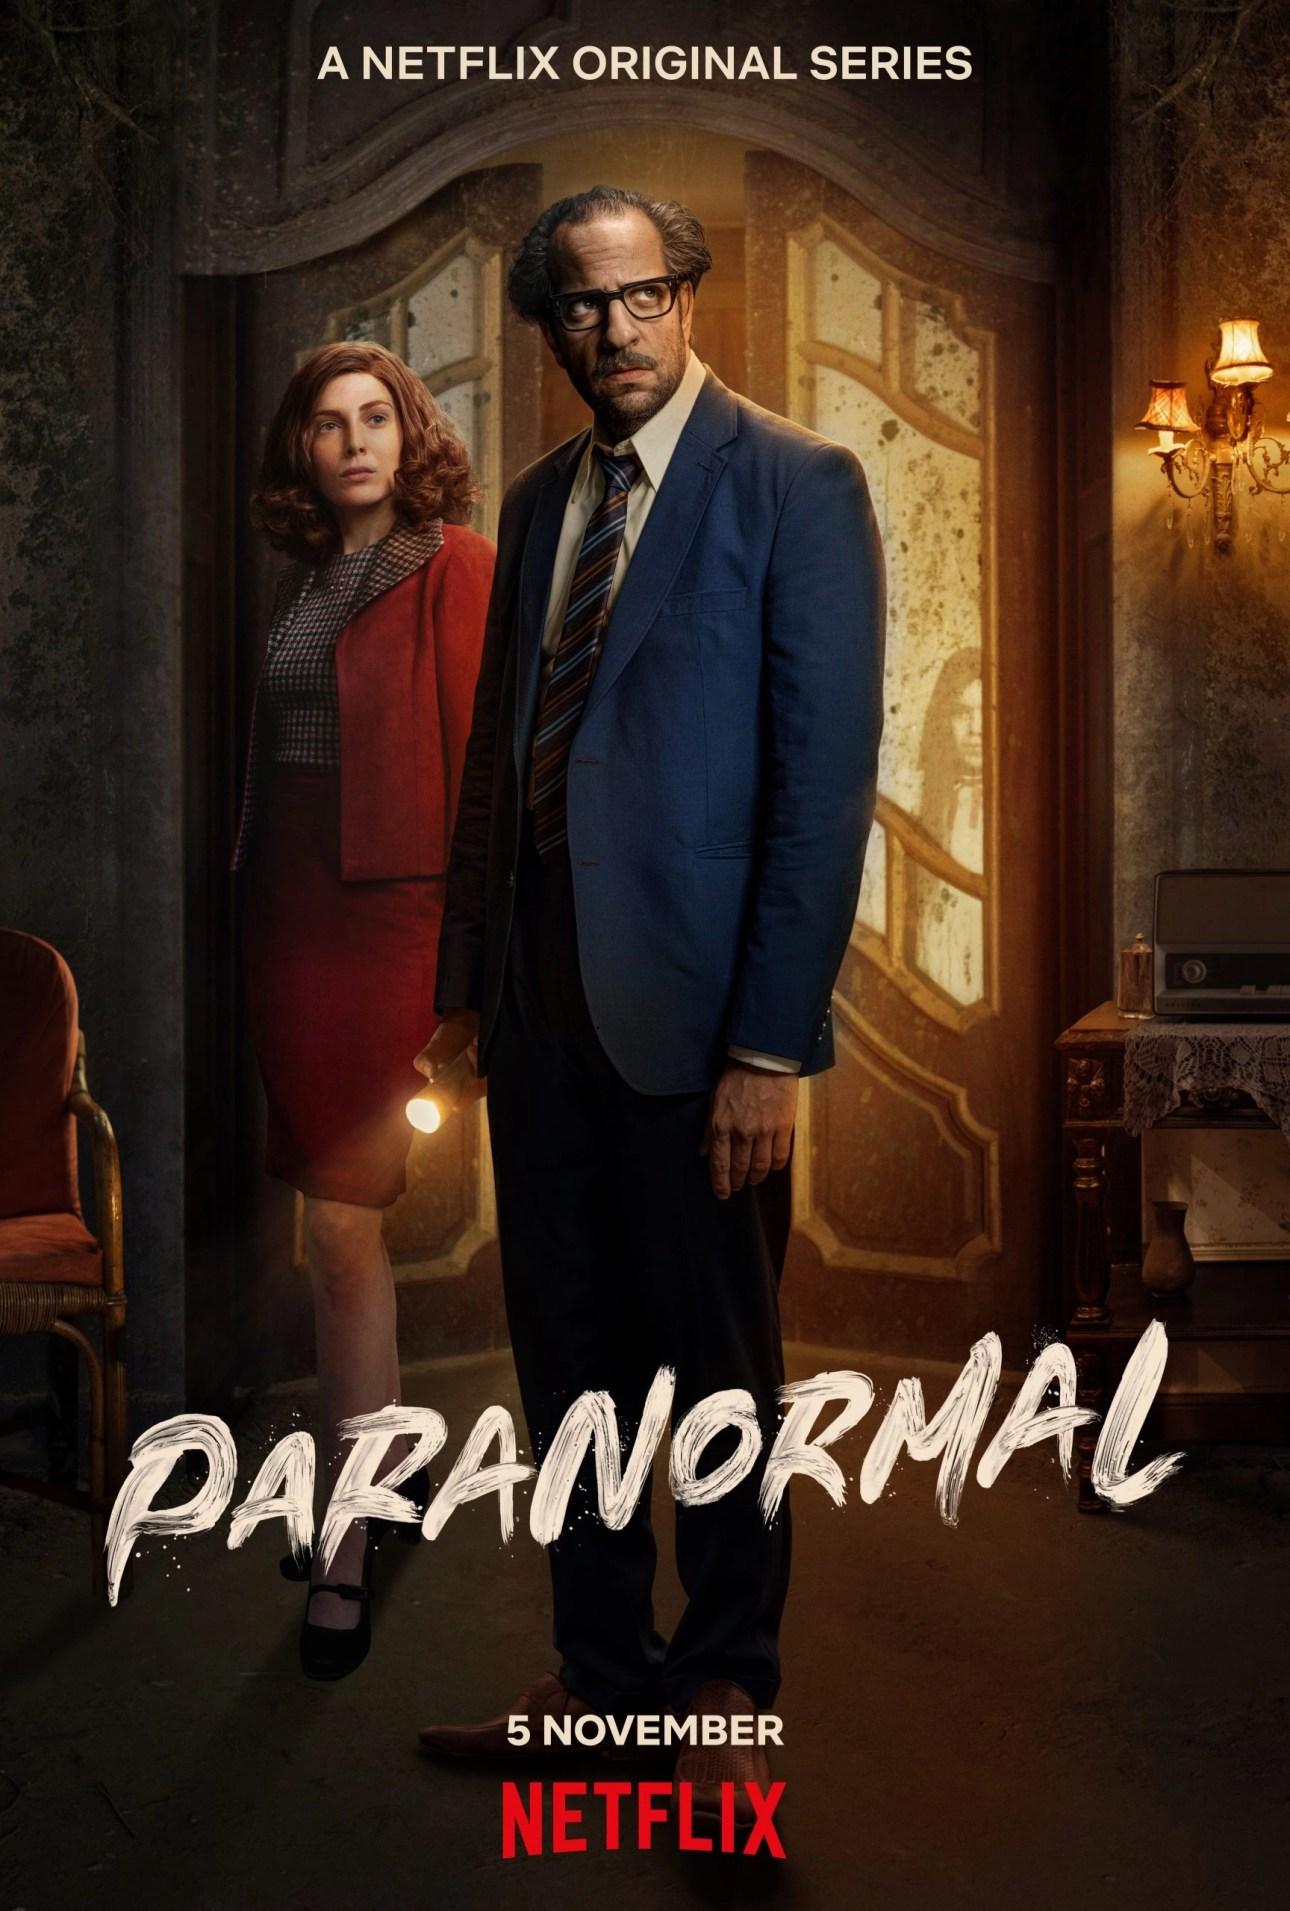 Paranormal Locandina